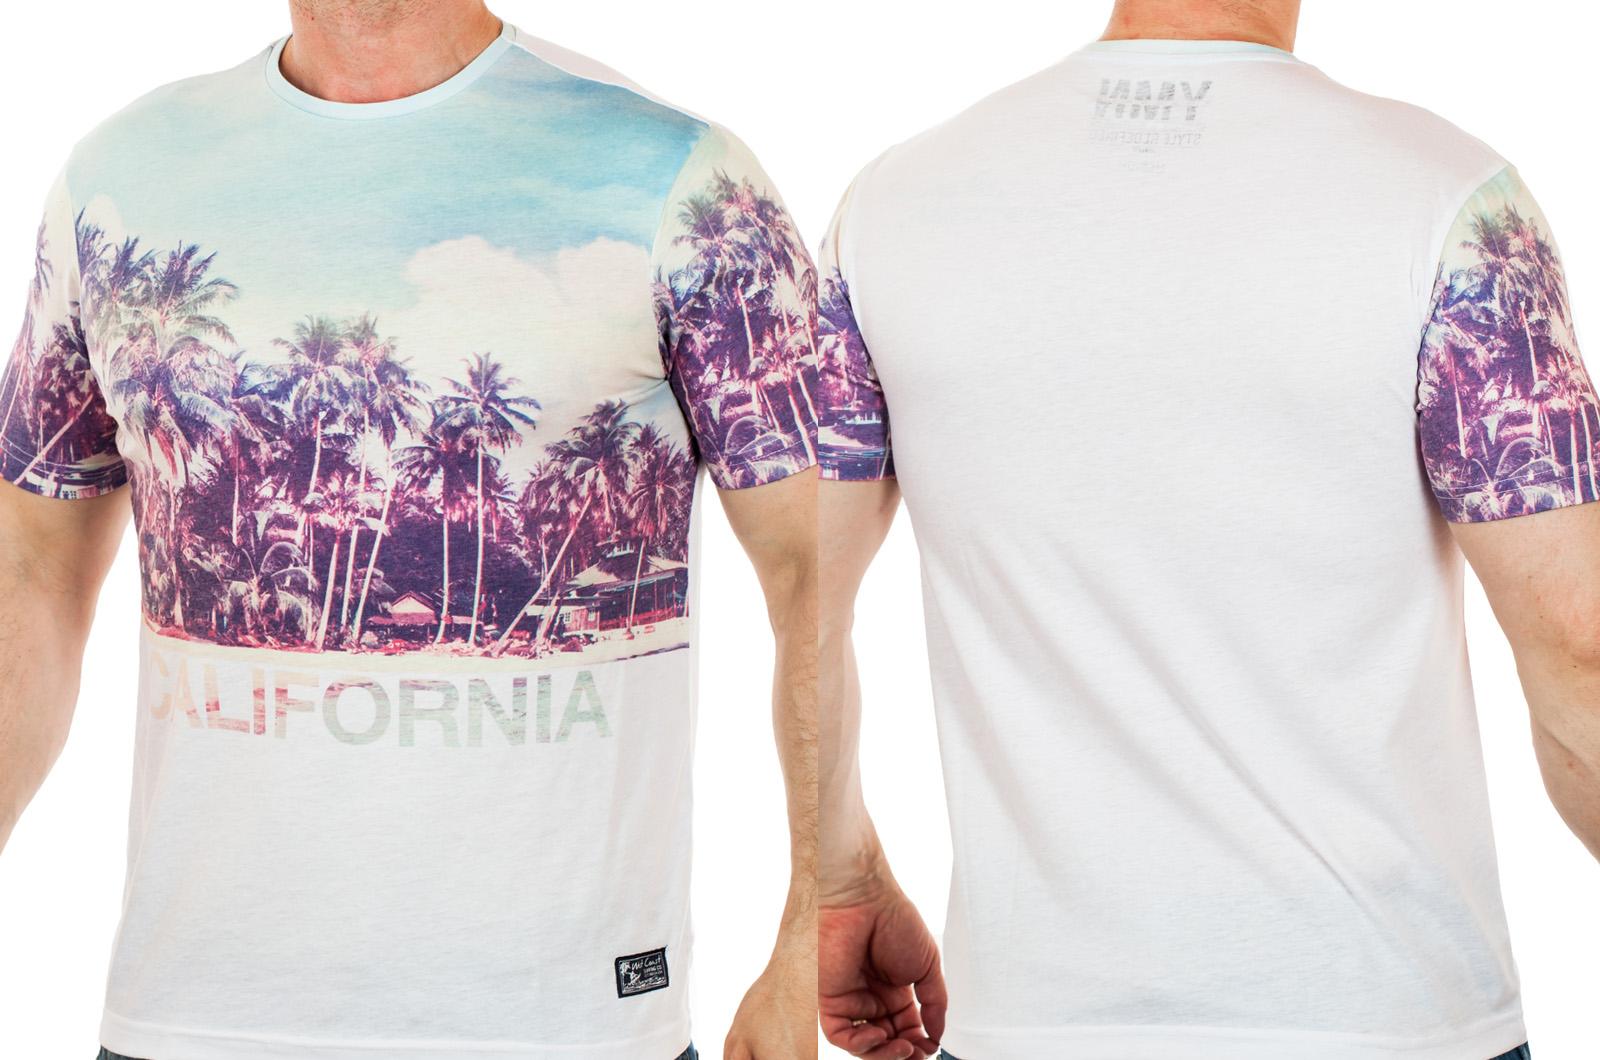 Мужская футболка Max Young Man – пляжный легкий принт с модным эффектом выгорания